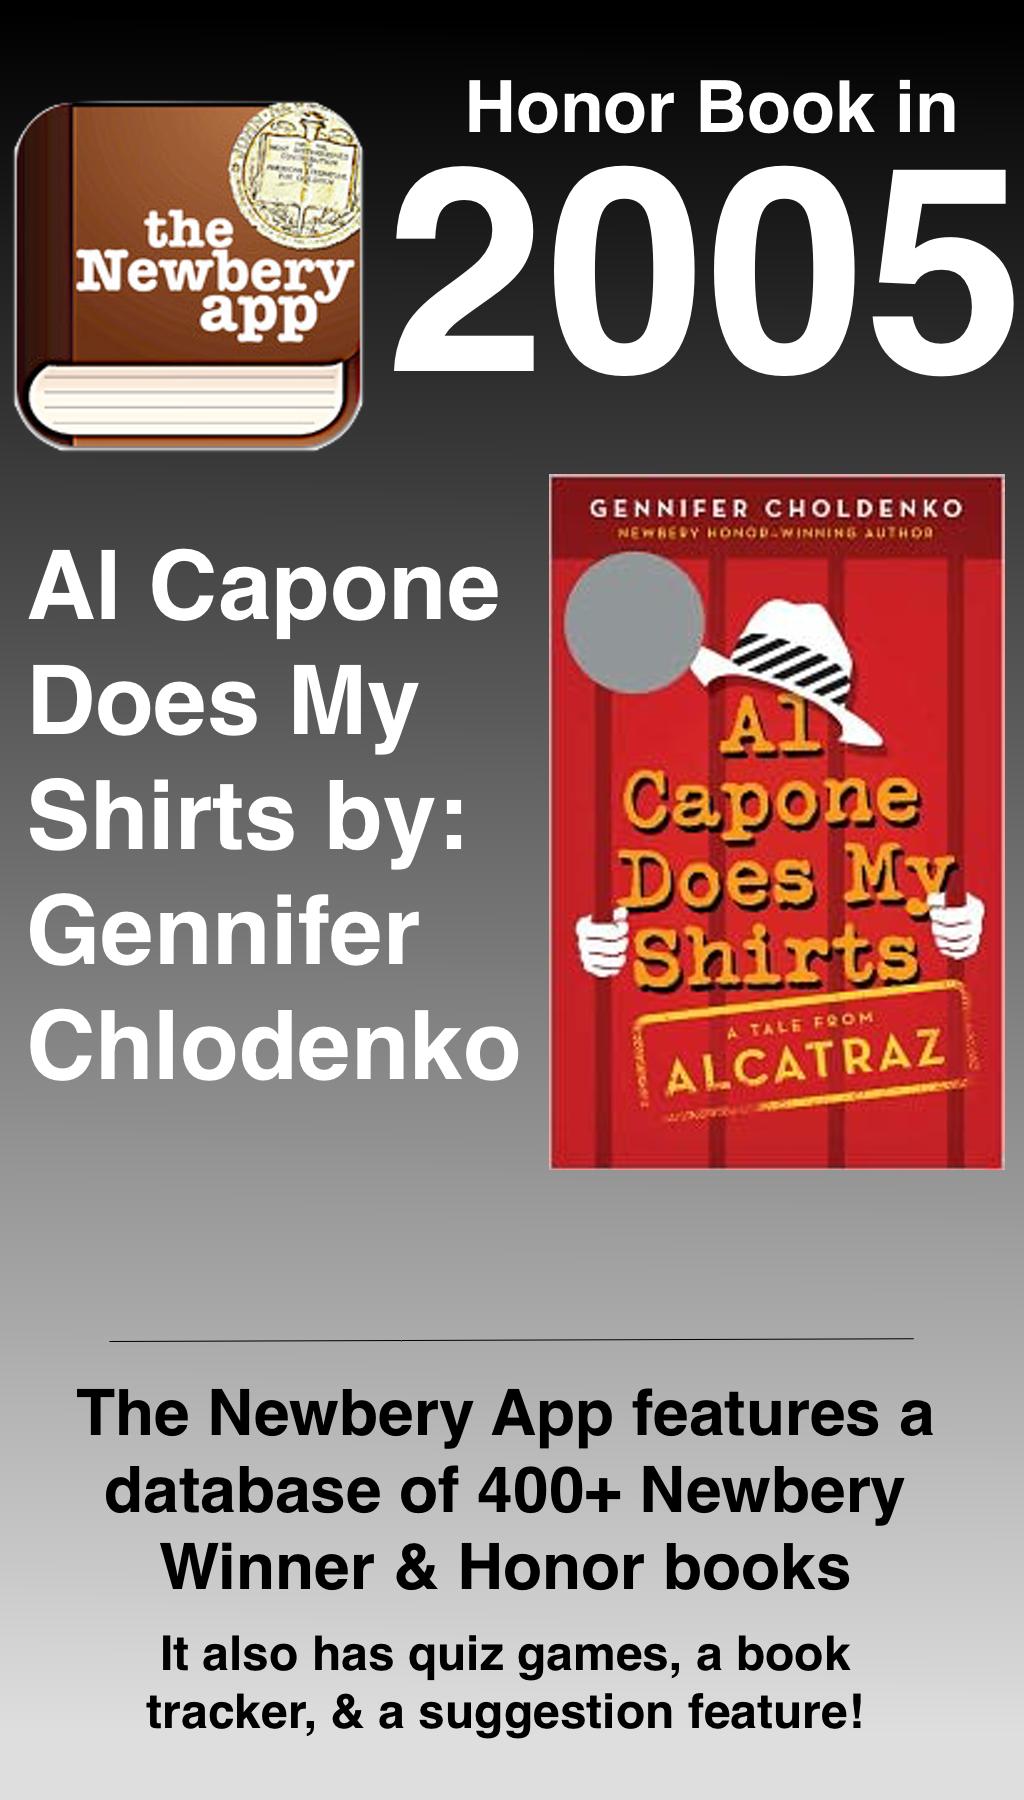 Al Capone Does My Shirts by Gennifer Chlodenko was a